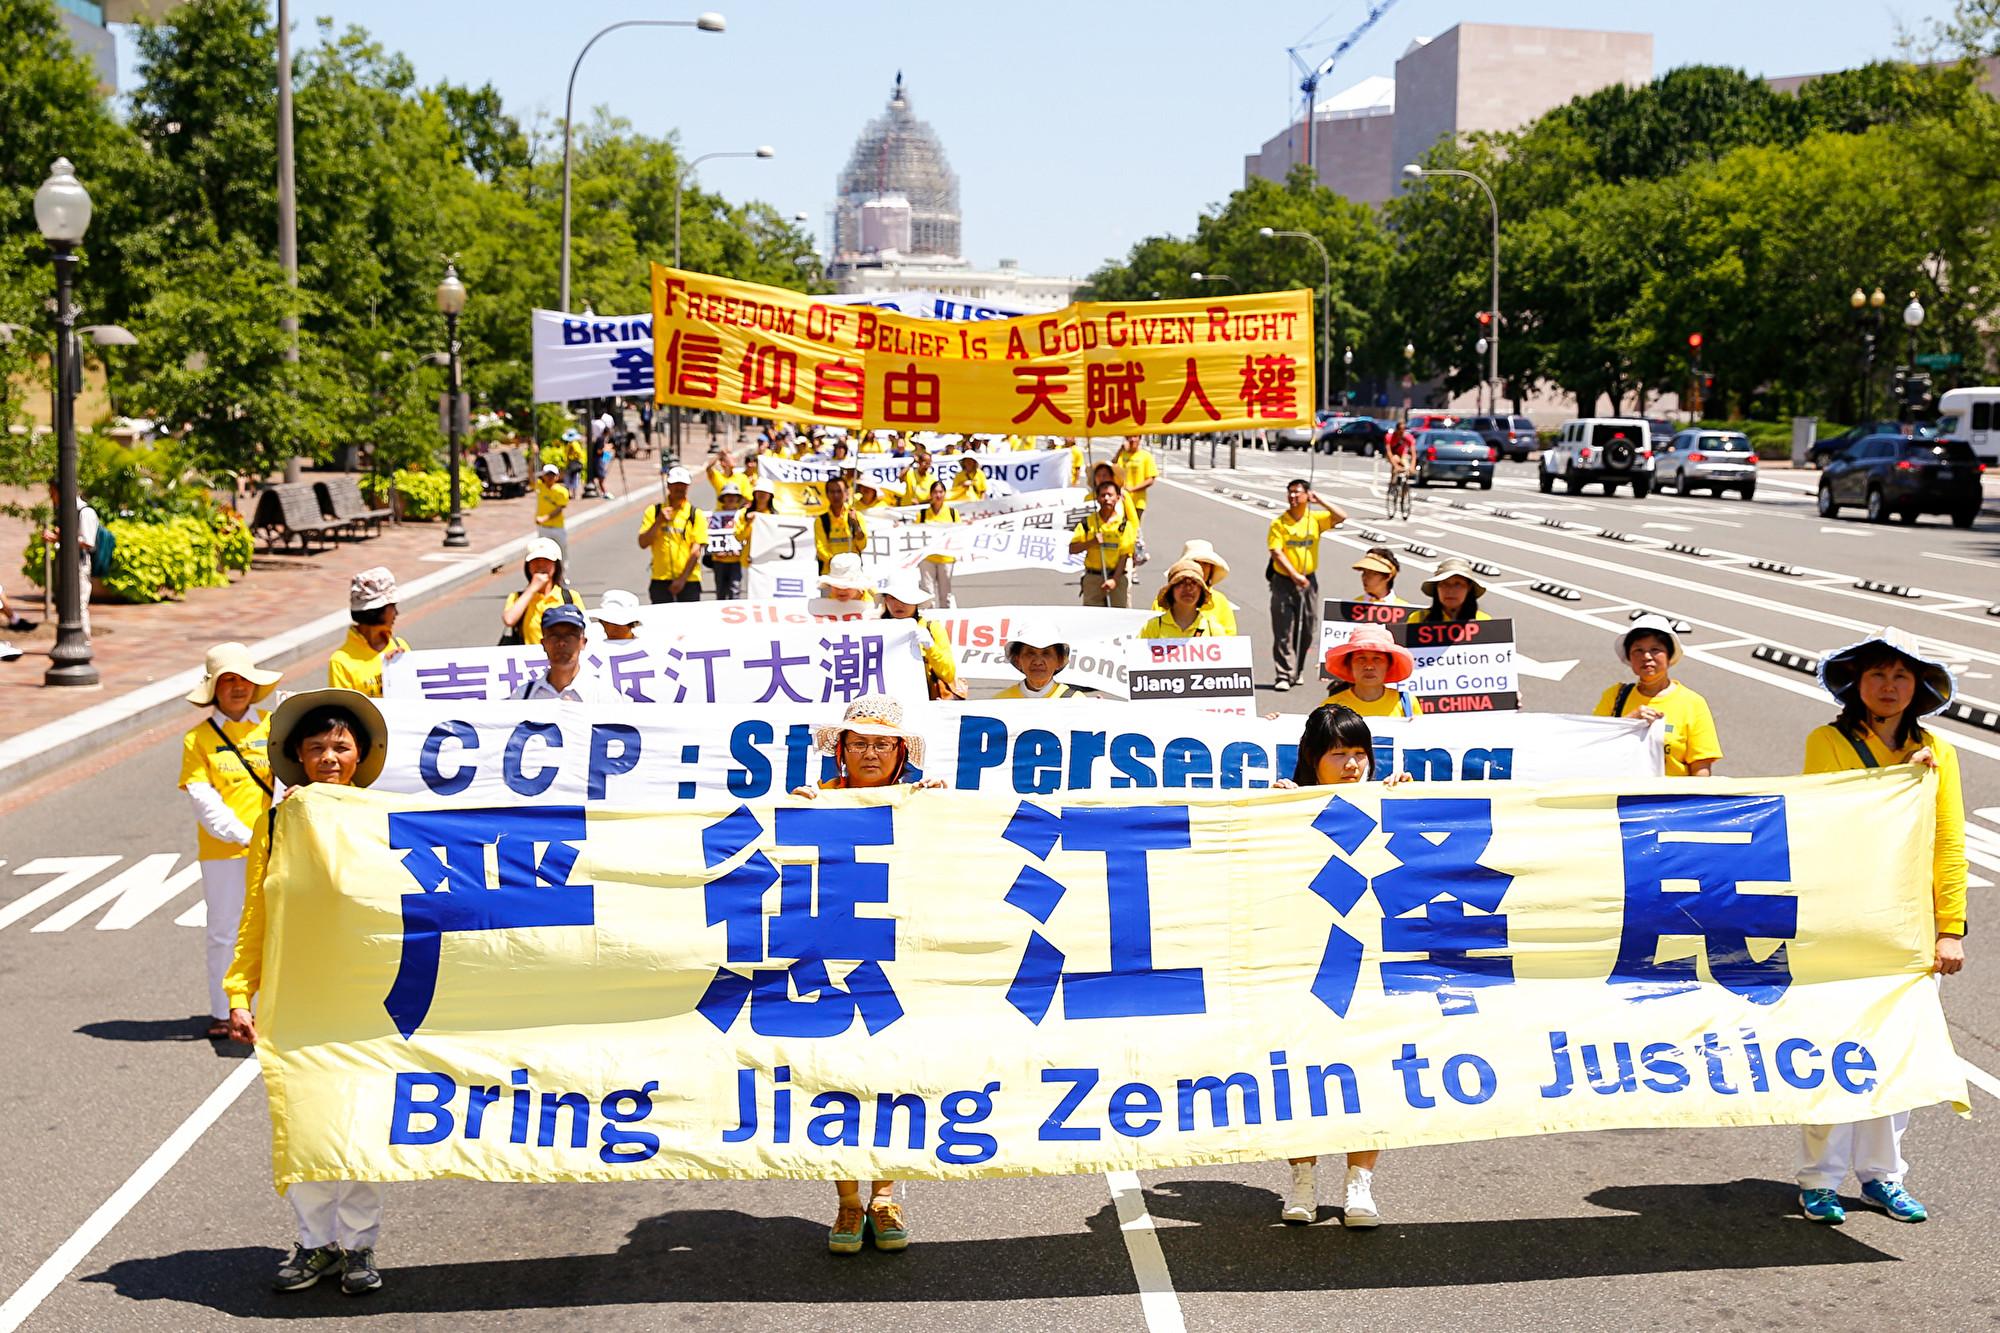 控告江澤民 遼寧農婦遭冤判 女兒被恐嚇致瘋